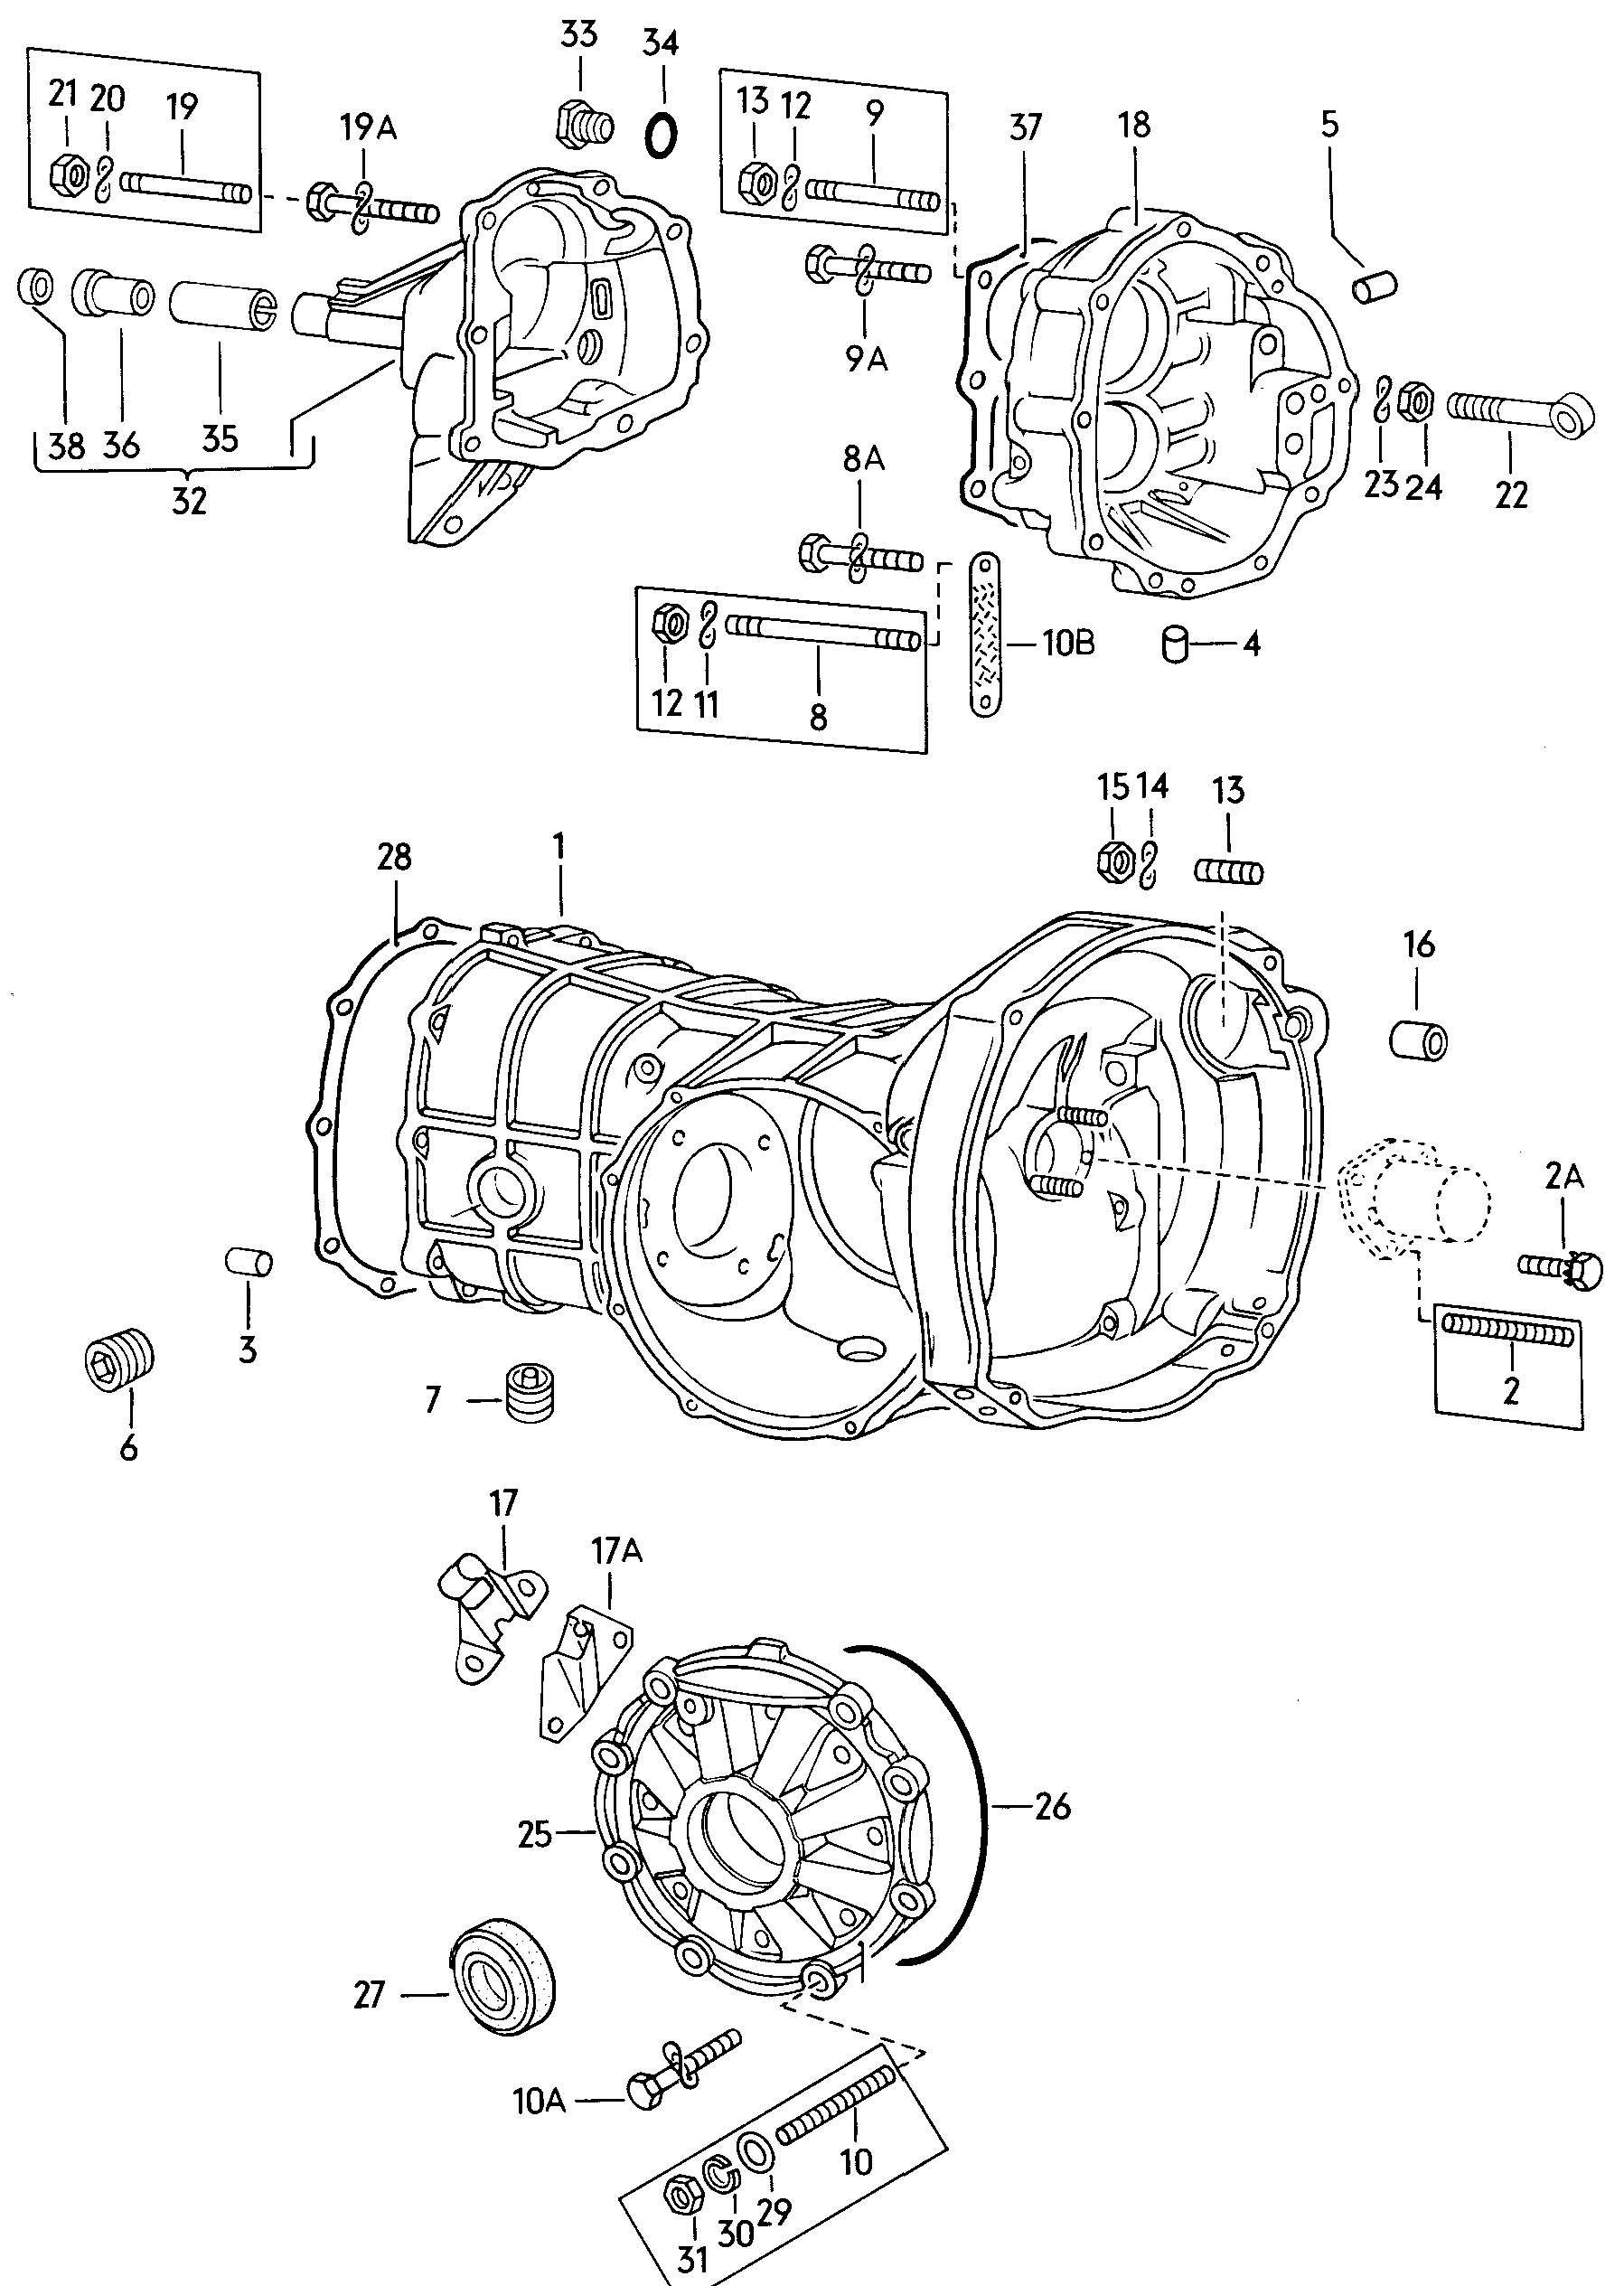 1970 vw beetle wiring diagram also vw beetle wiring diagram